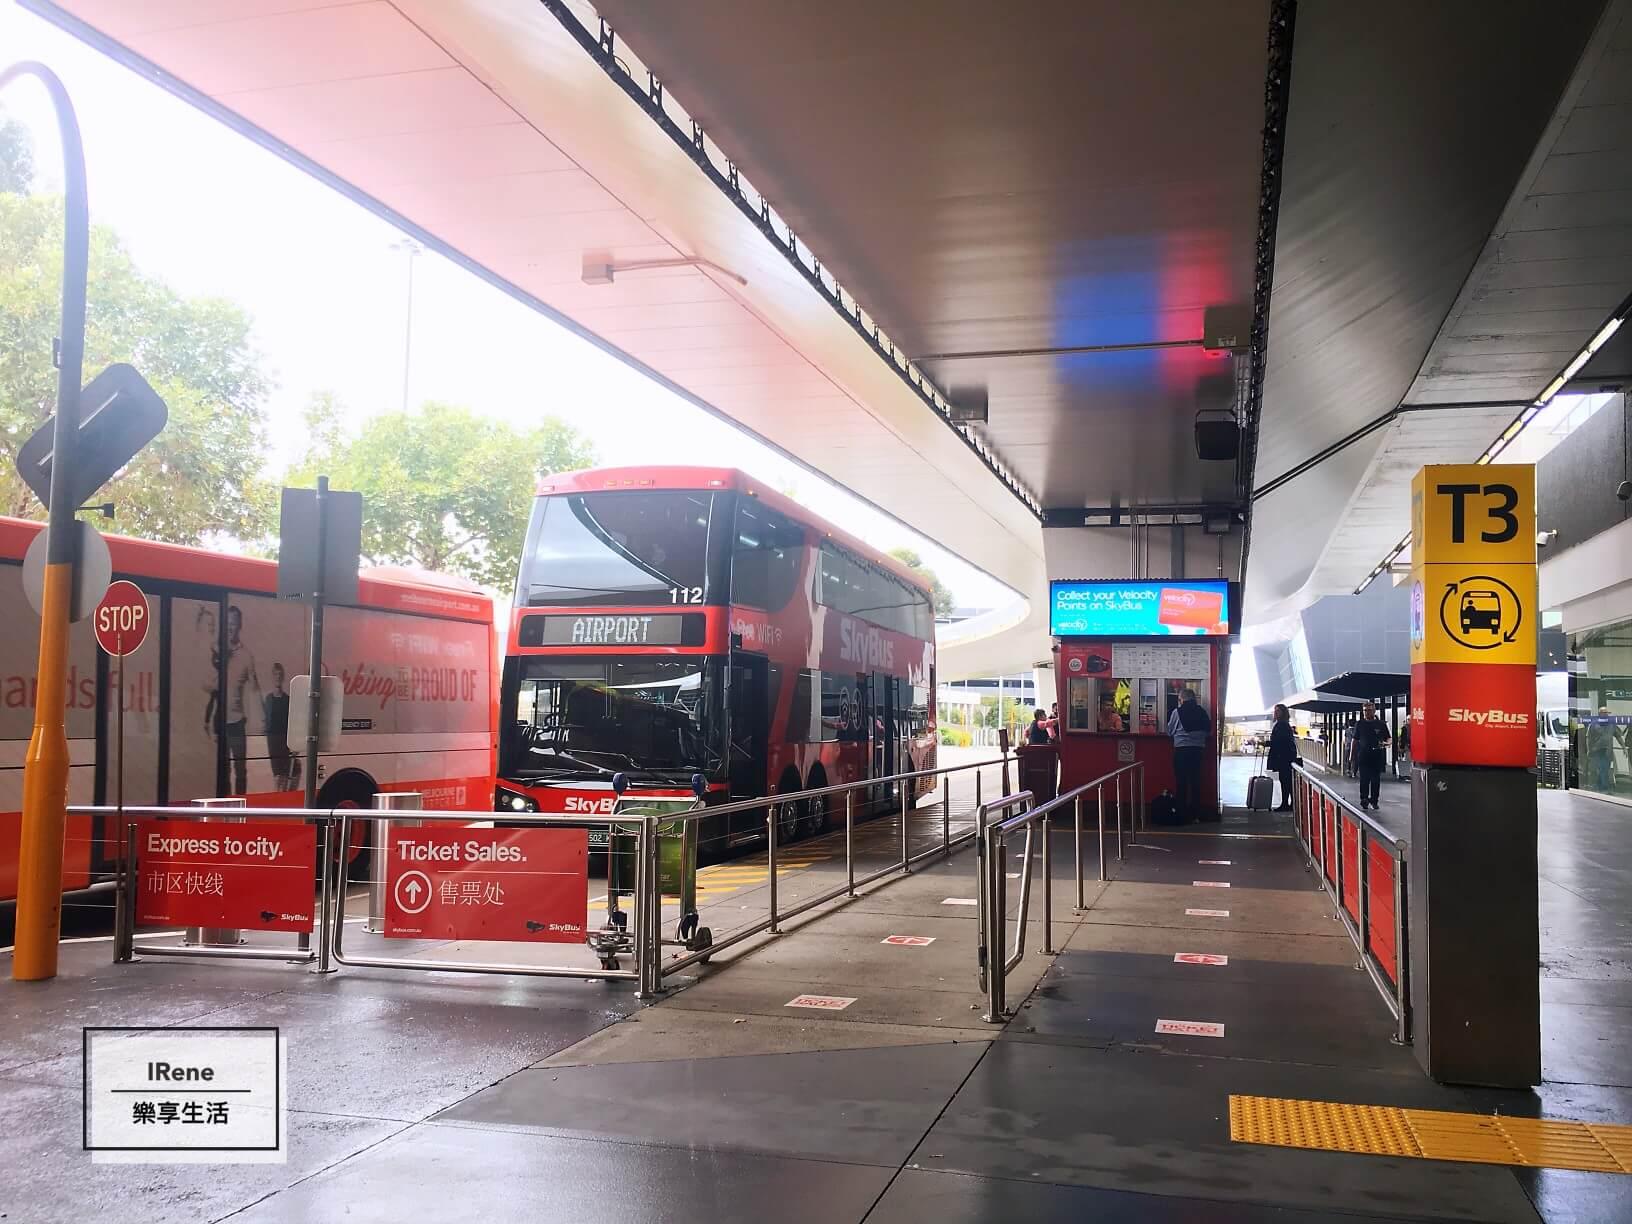 墨爾本機場巴士SkyBus購票